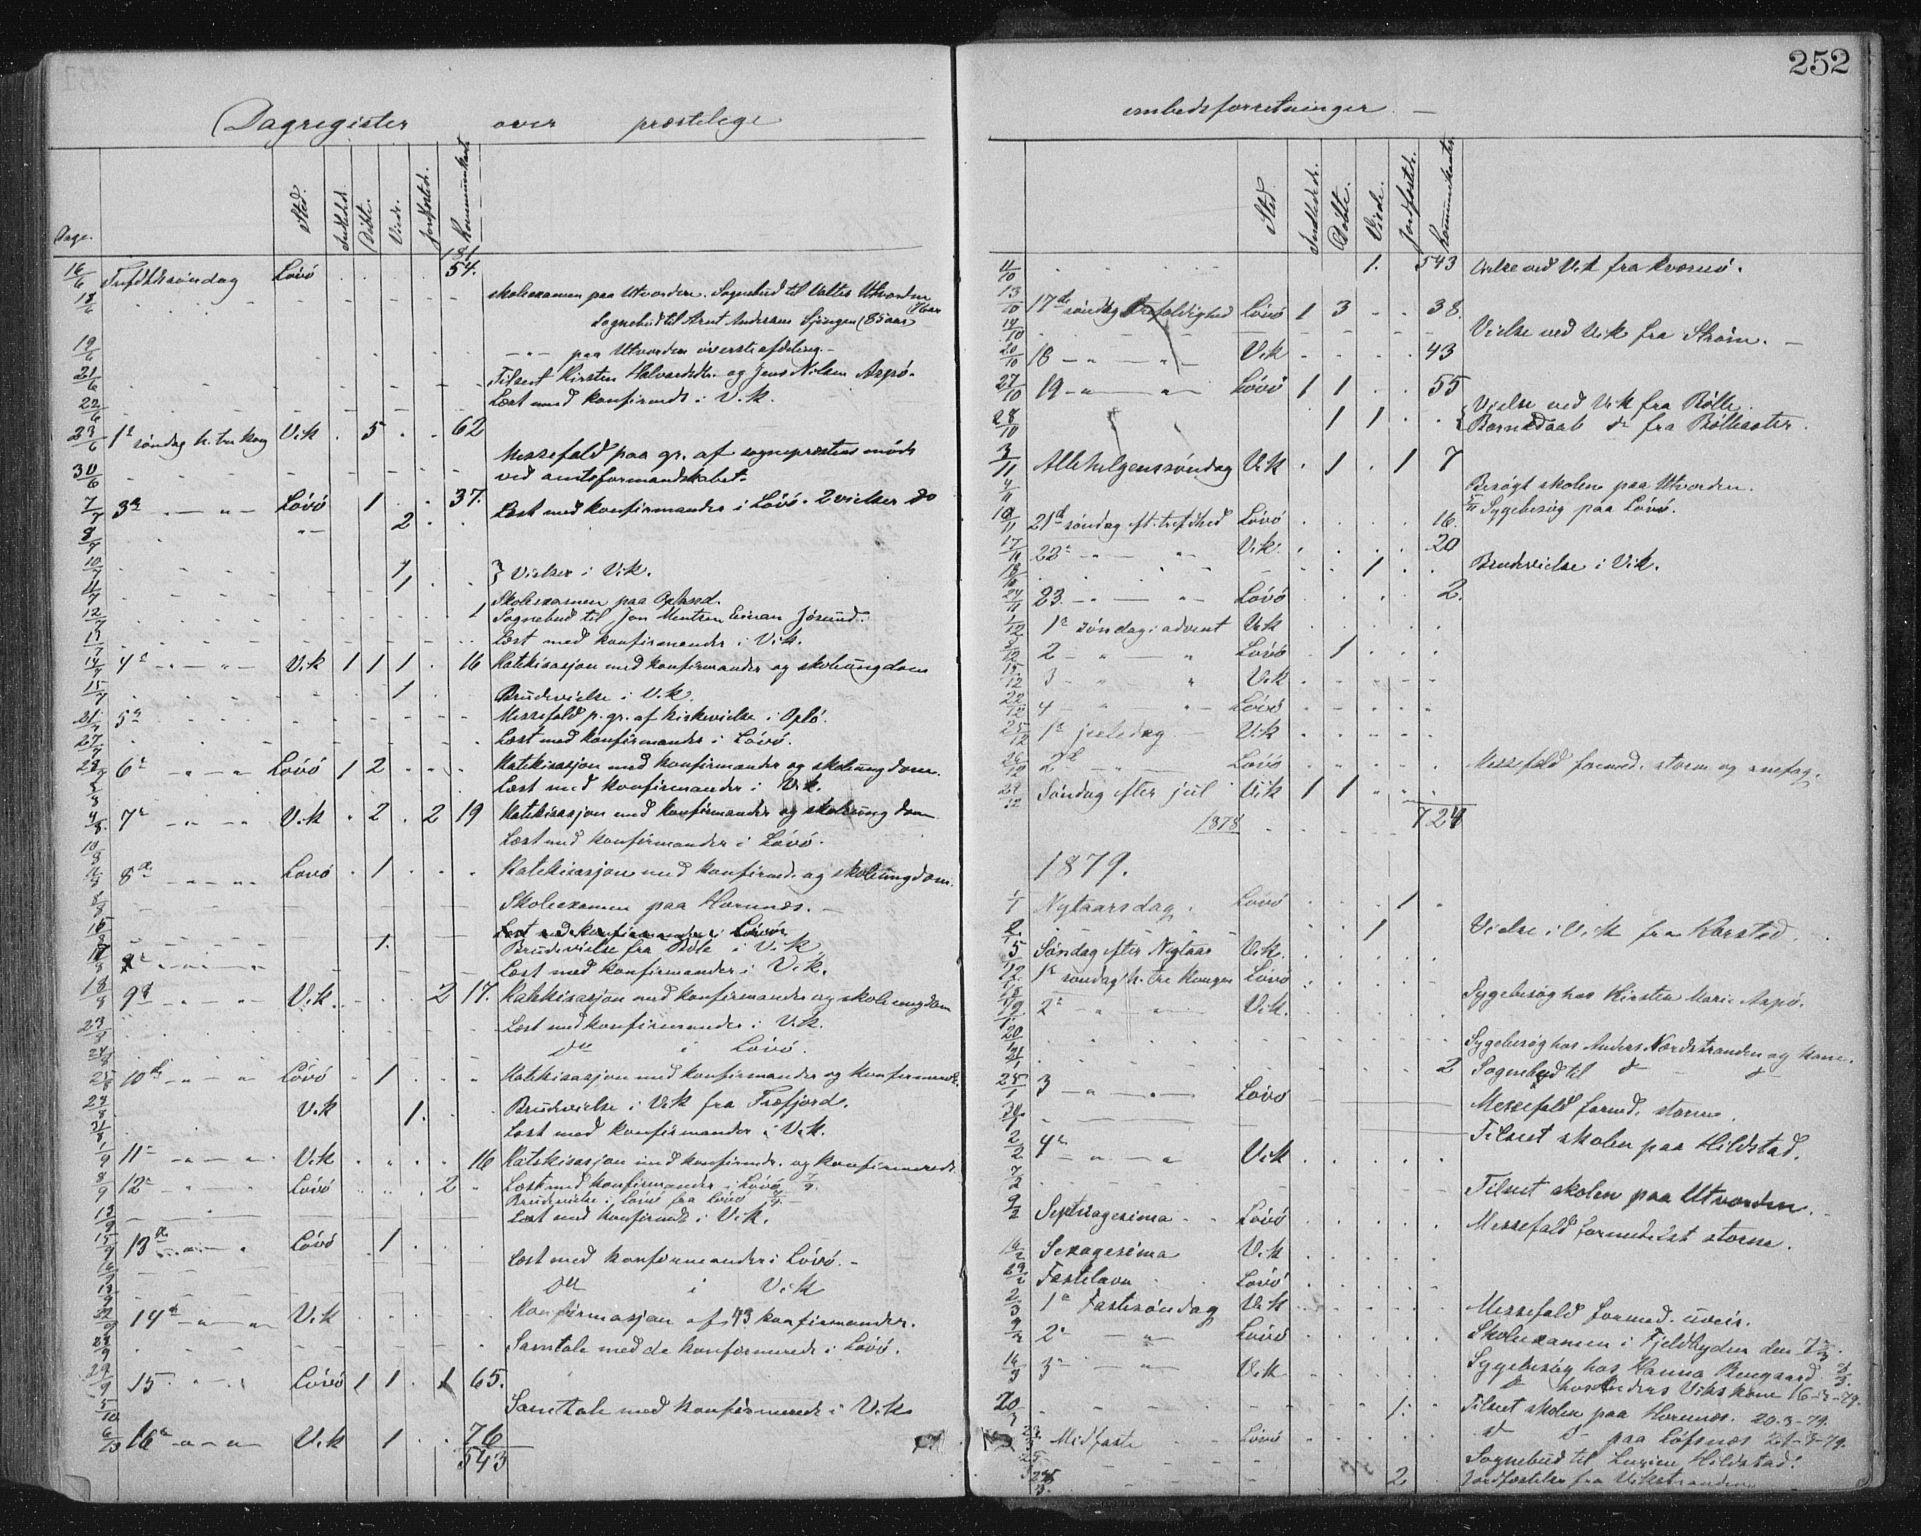 SAT, Ministerialprotokoller, klokkerbøker og fødselsregistre - Nord-Trøndelag, 771/L0596: Ministerialbok nr. 771A03, 1870-1884, s. 252